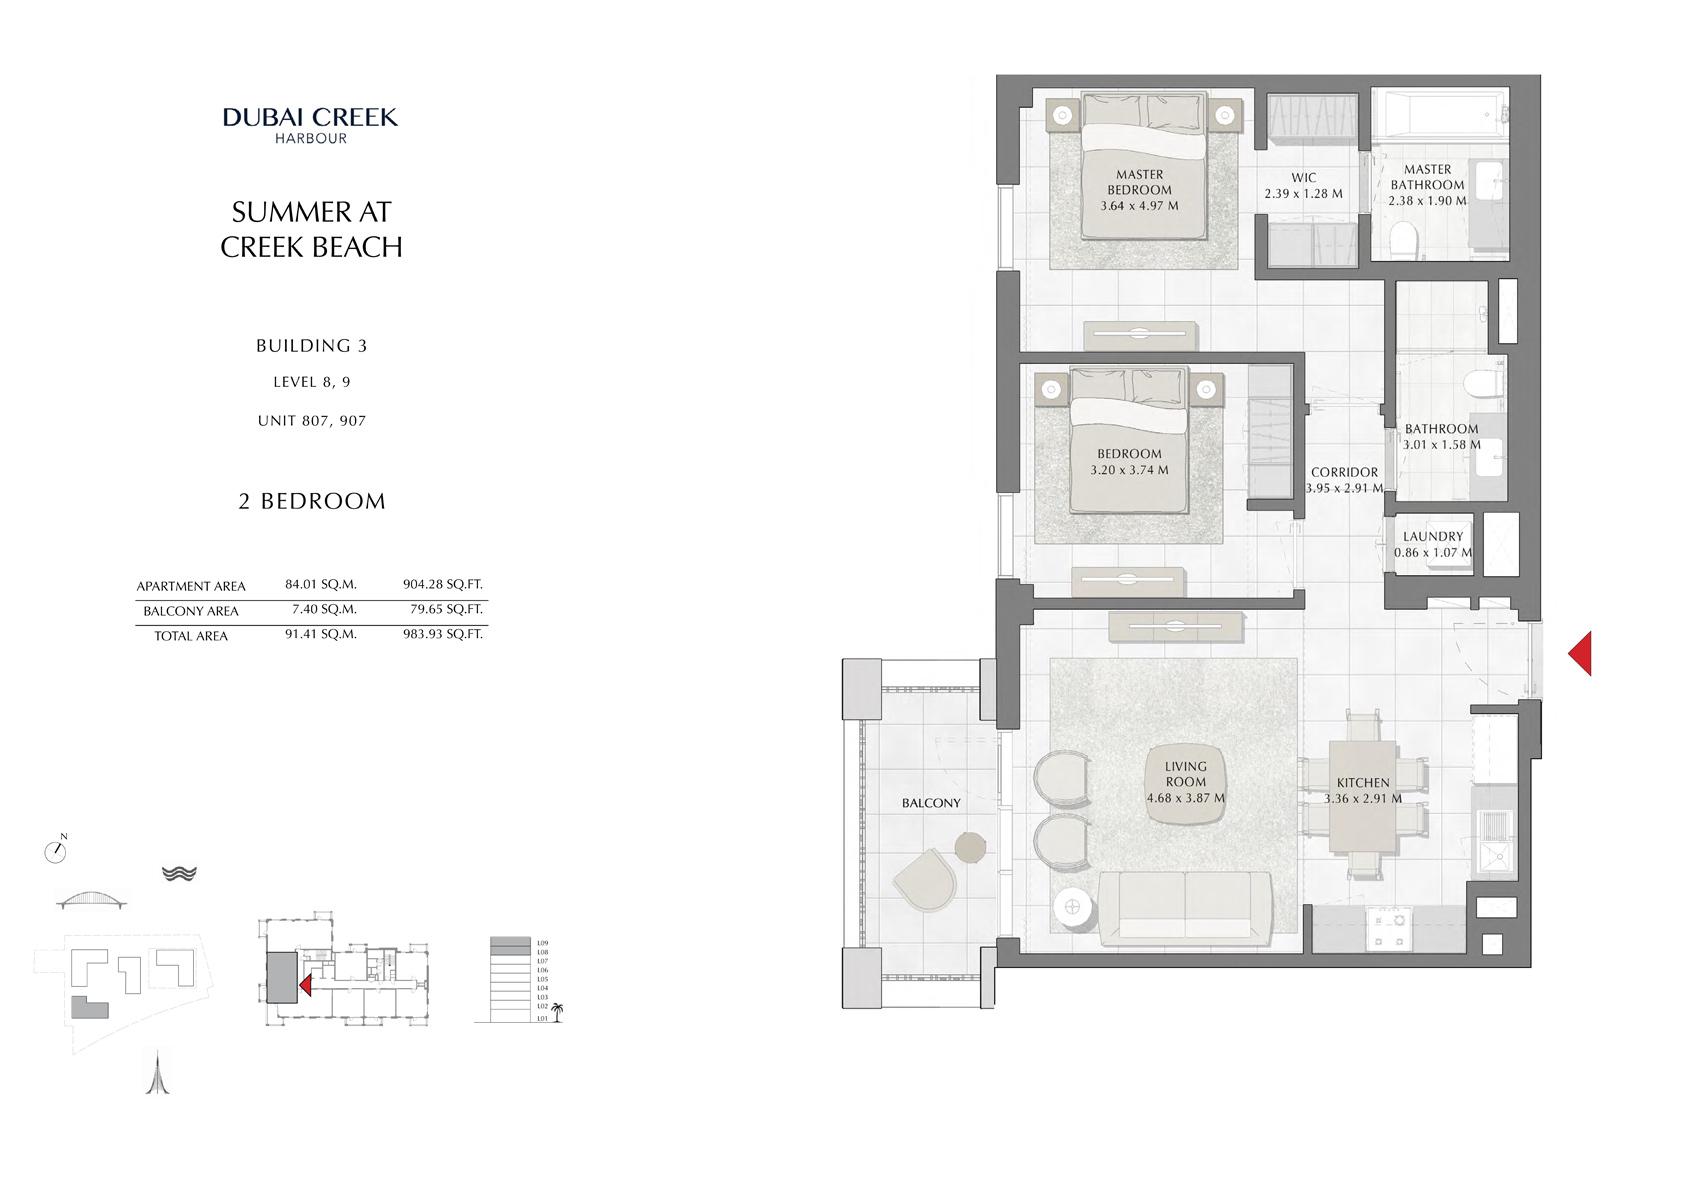 2 Br Building 3 Level-8-9 Unit 807-907, Size 983 Sq Ft